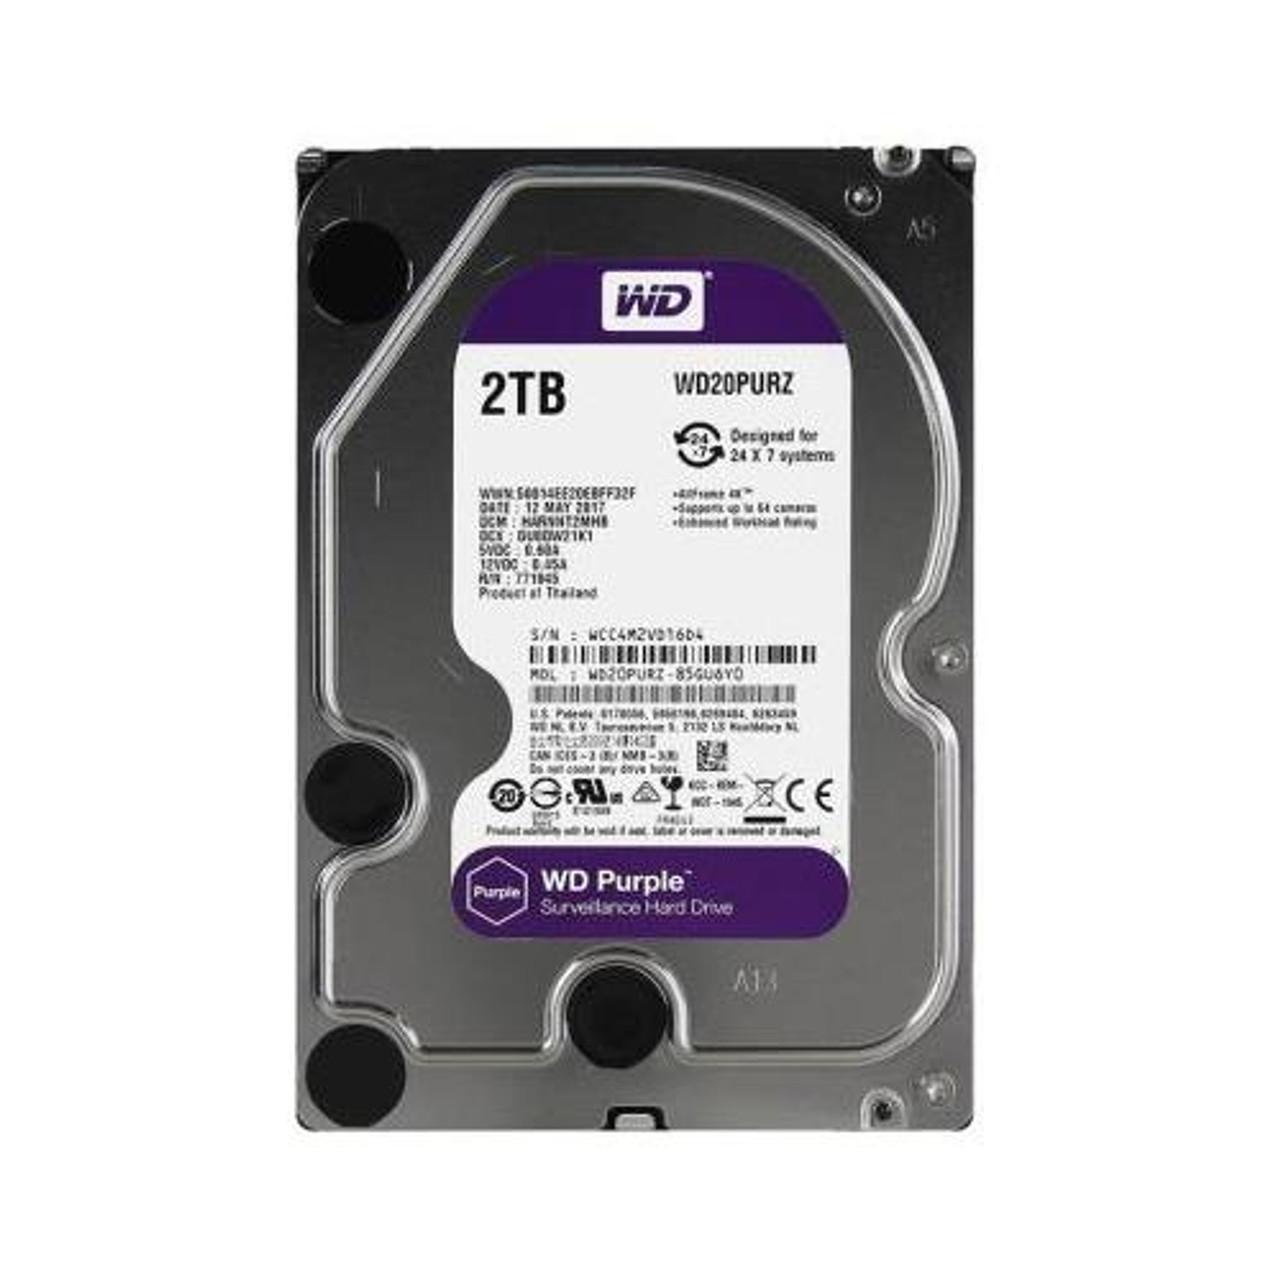 """WD WD20PURZ Purple 2 TB 3.5/"""" 5400 RPM SATA 64 MB Cache Hard Drive"""